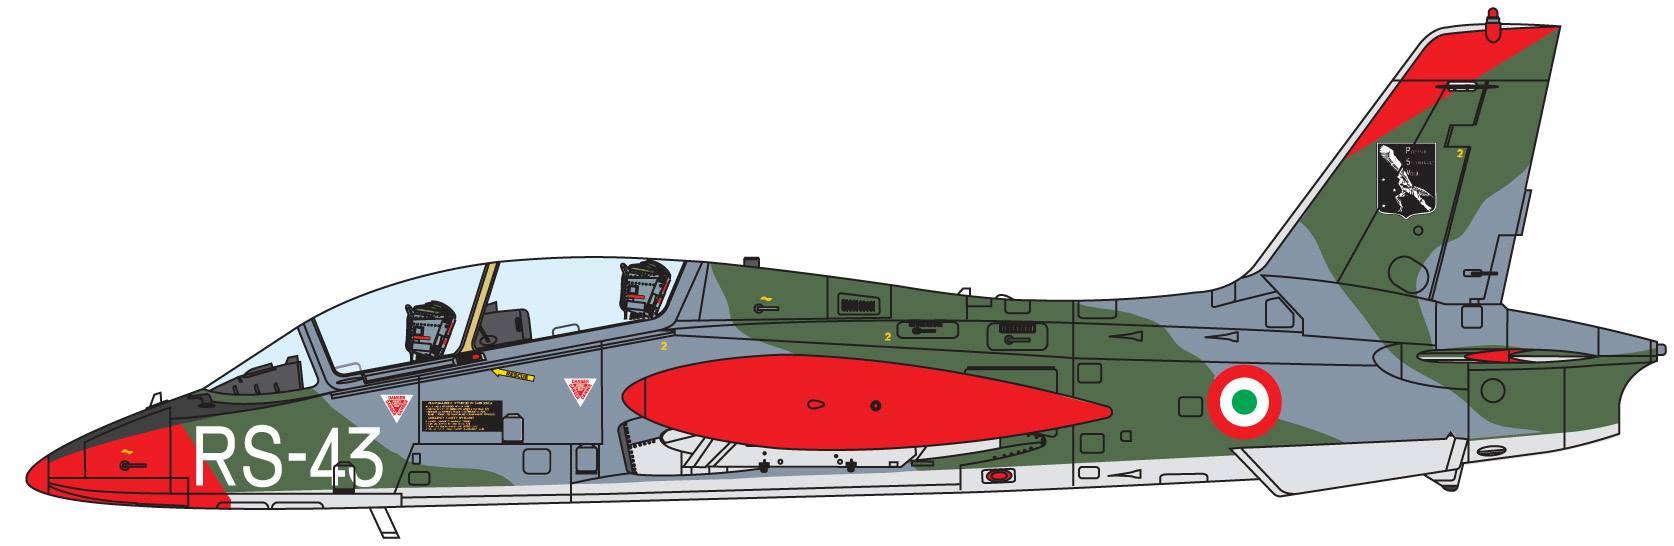 Maqueta Italeri MB-339 4